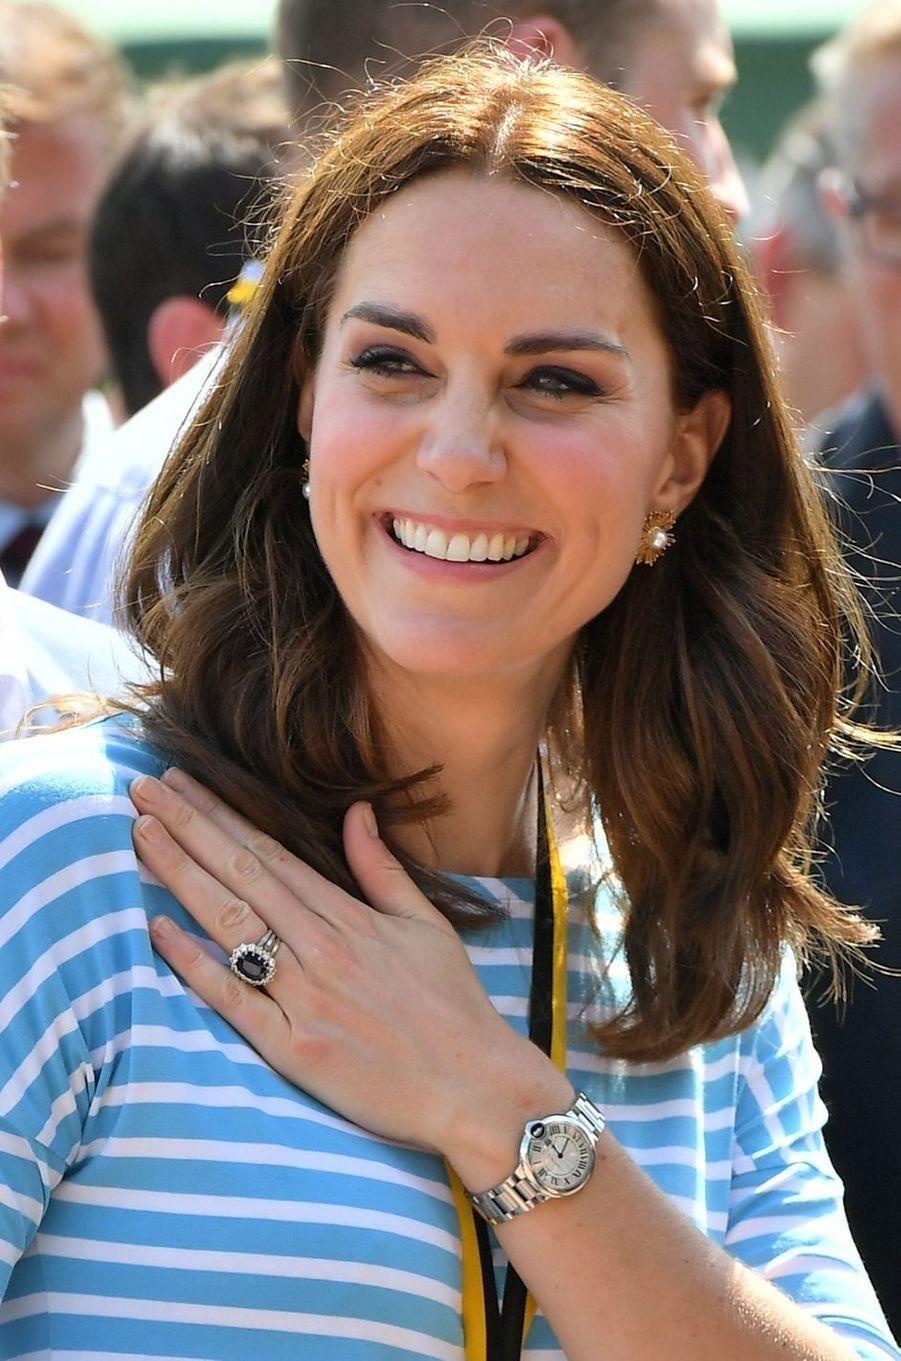 La duchesse Catherine de Cambridge porte sa bague de fiançailles et une montre Cartier, le 20 juillet 2017